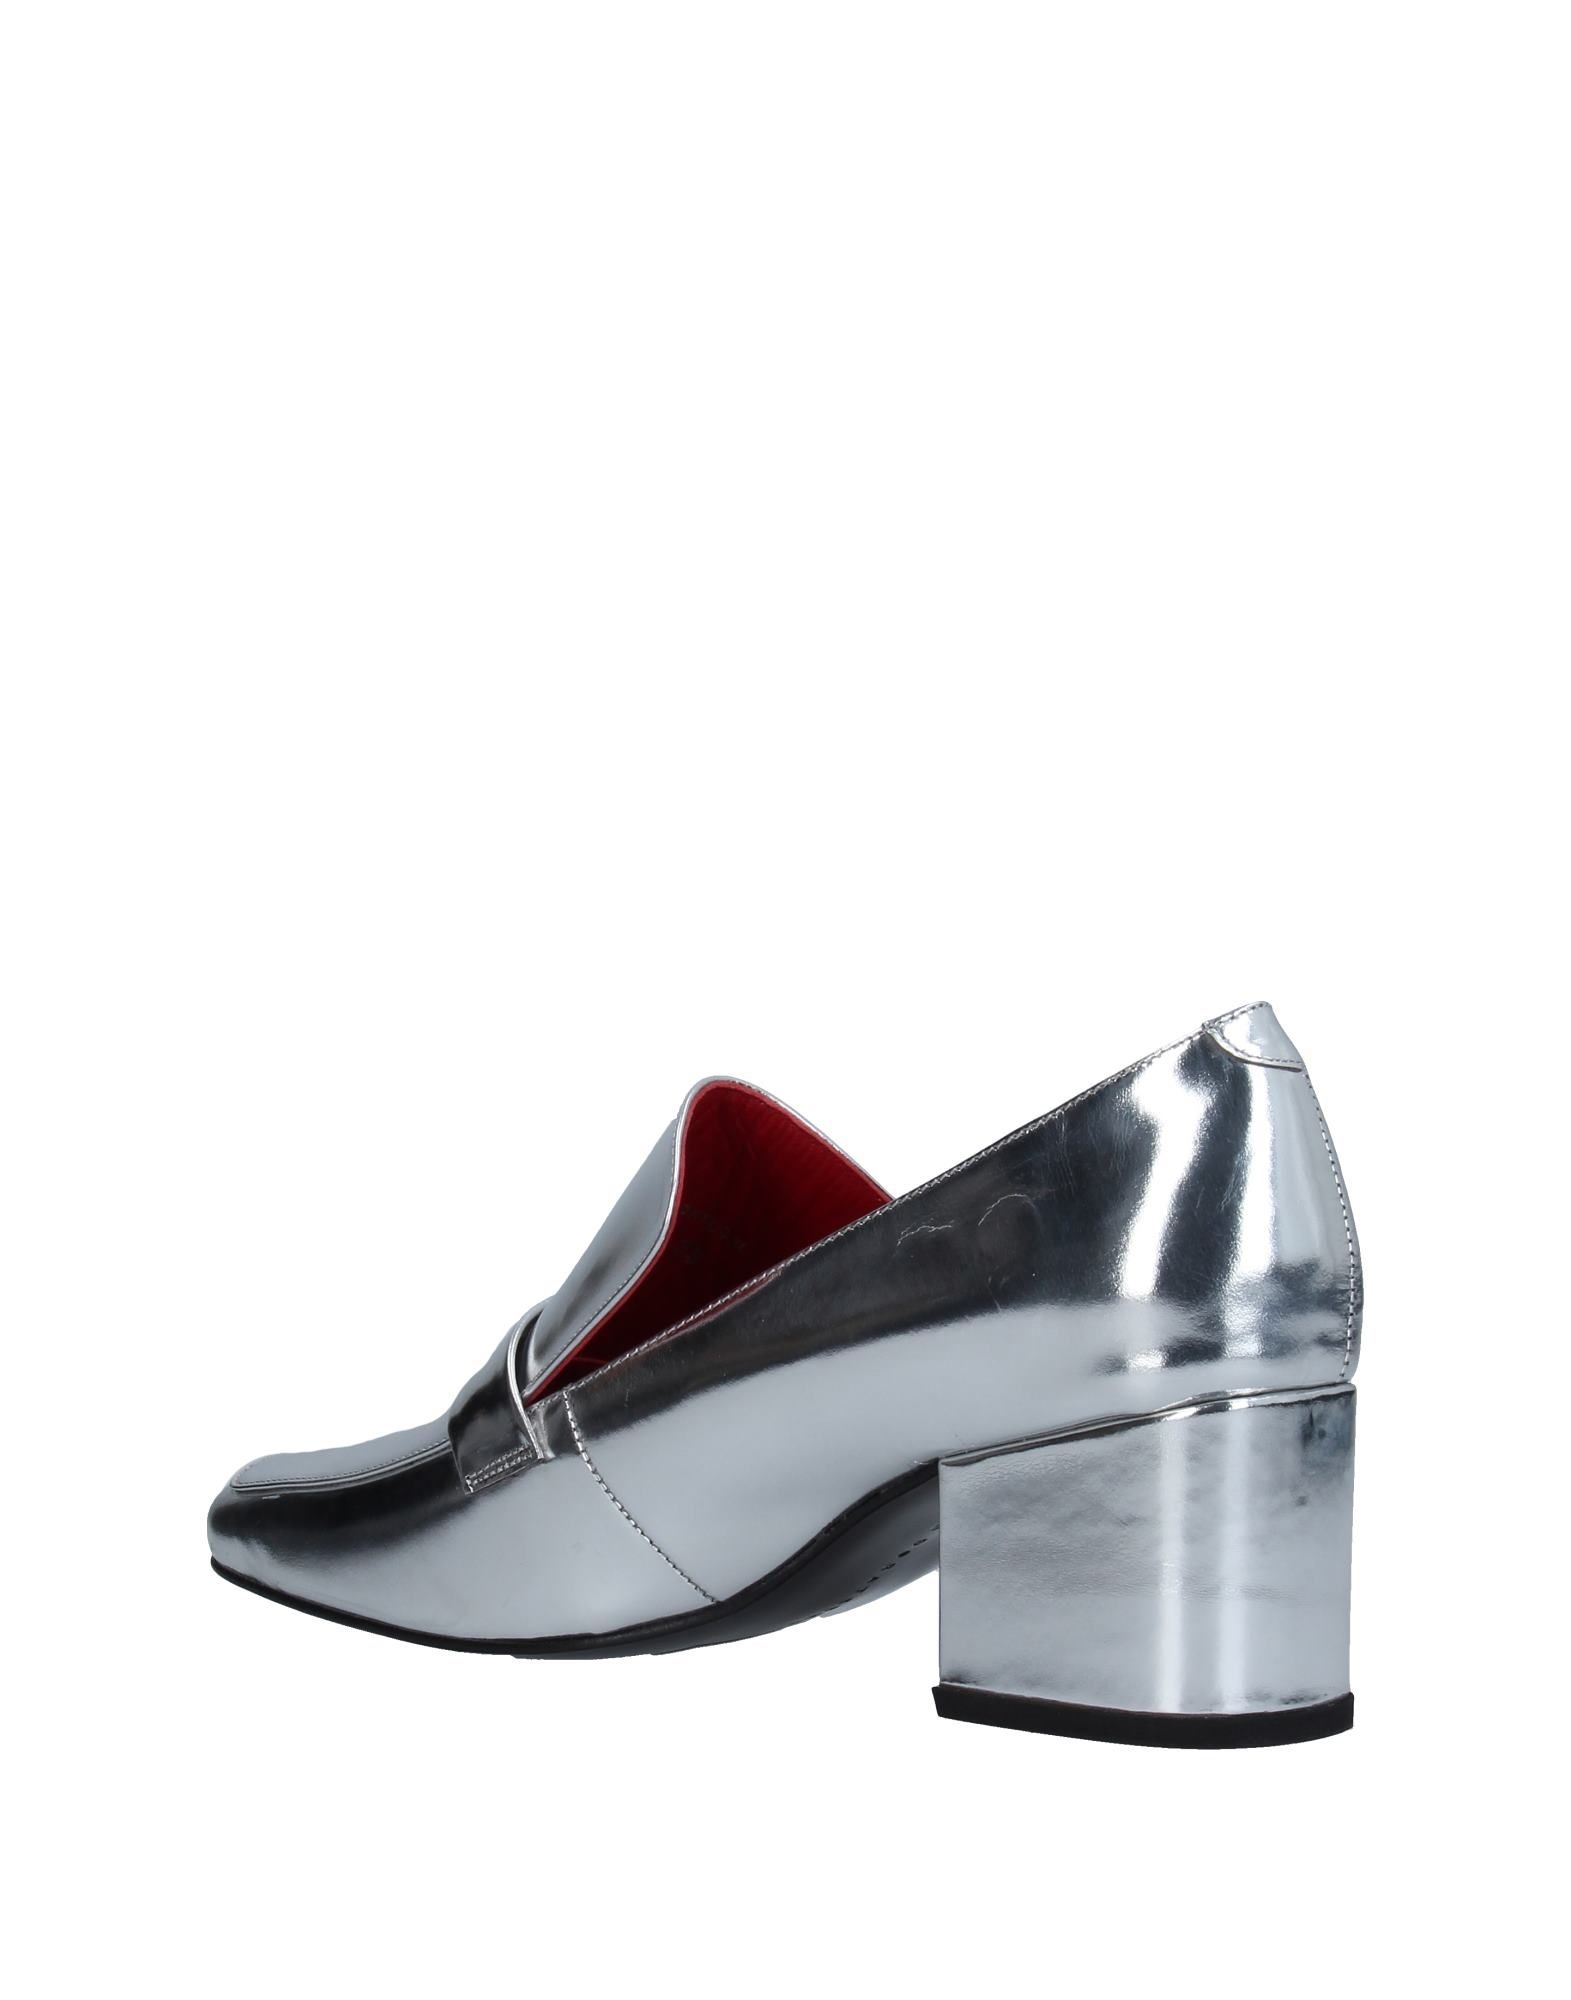 Dorateymur Mokassins Damen  11338720UWGut aussehende strapazierfähige Schuhe